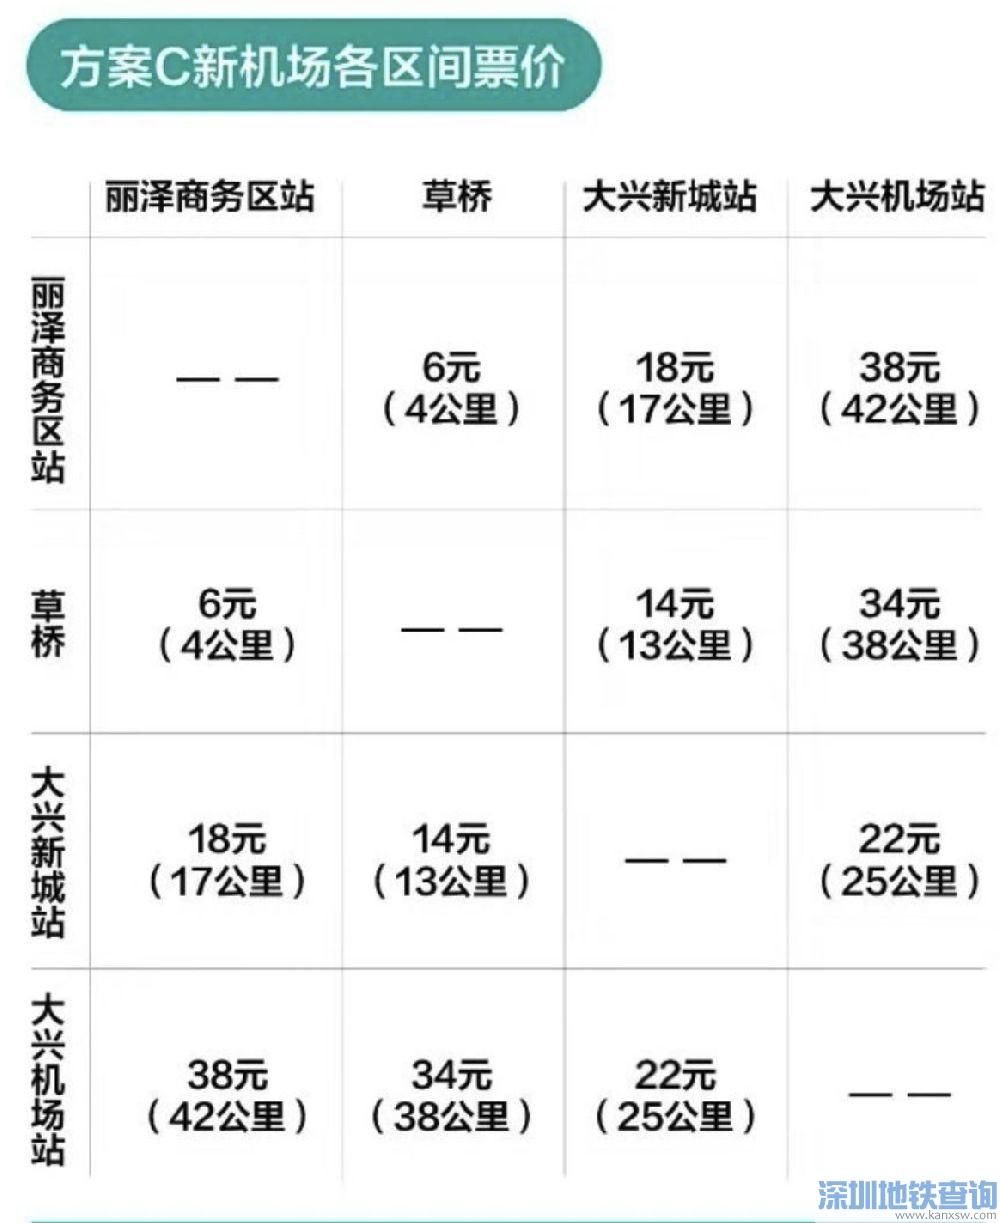 北京新机场线地铁票价多少钱如何收费?3种方案让你选